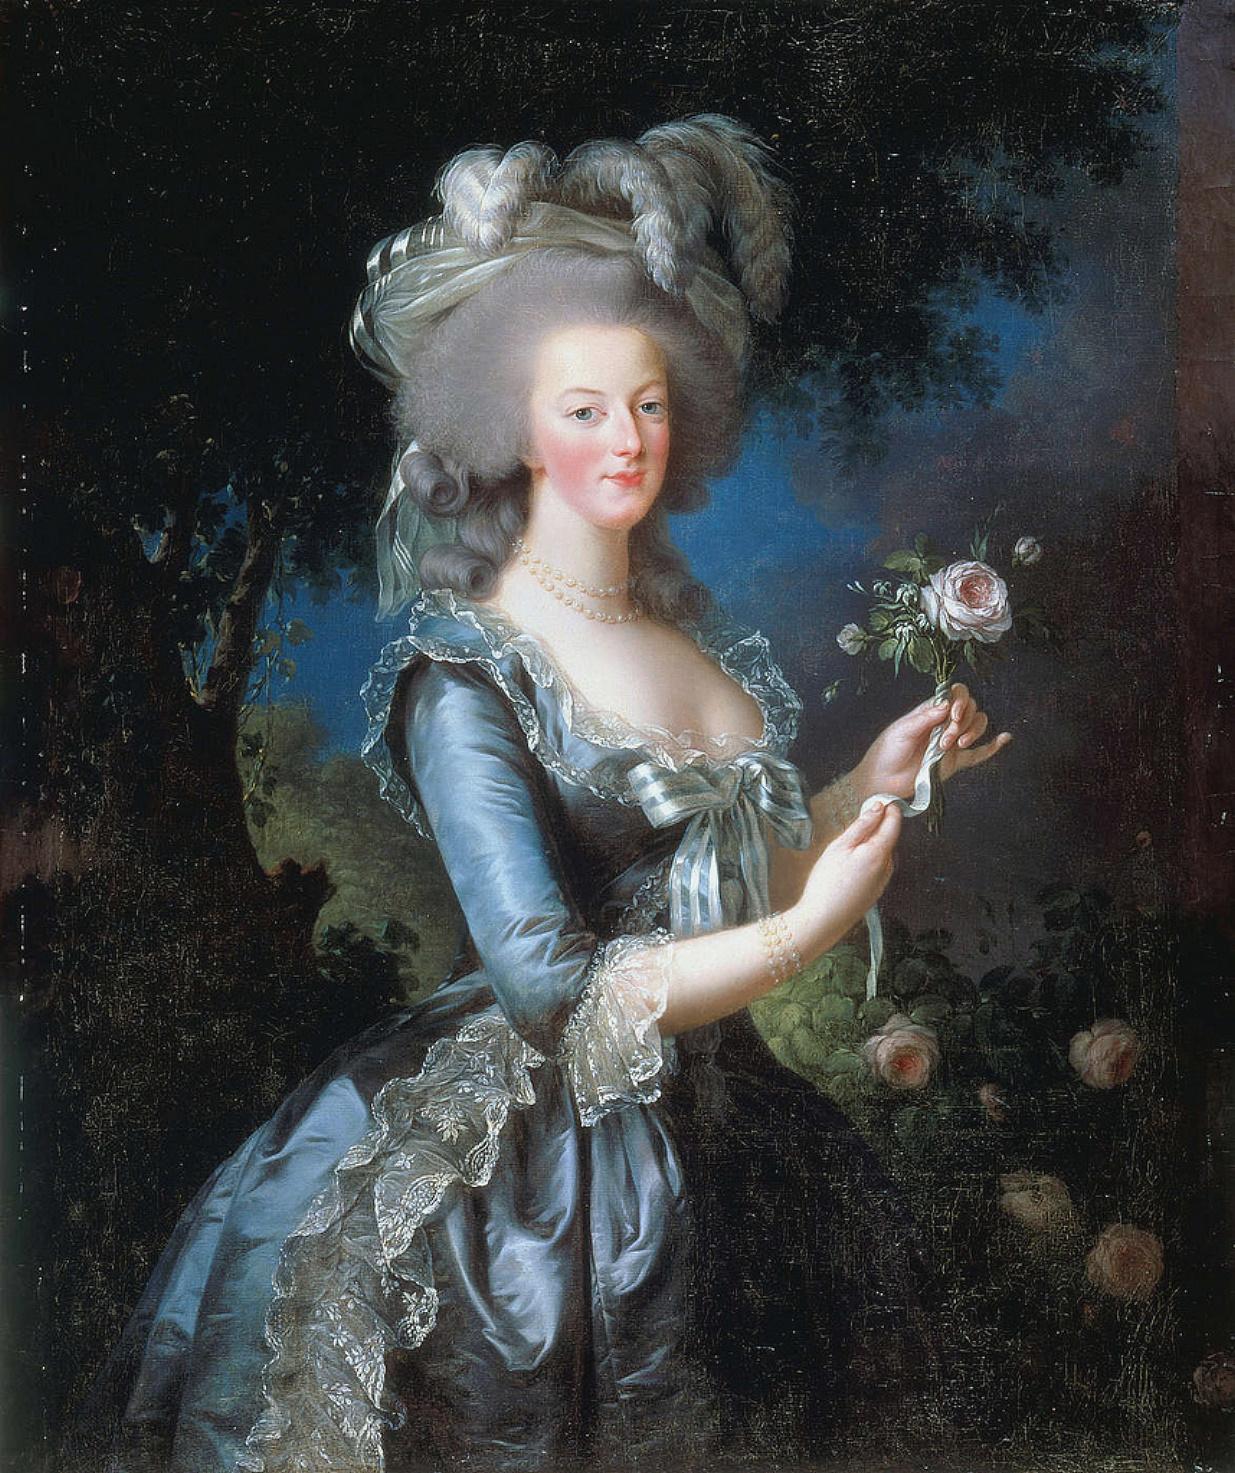 Portrait de Marie Antoinette, 1783 par Elisabeth Vigee-Le Brun, image via Wikimedia Commons